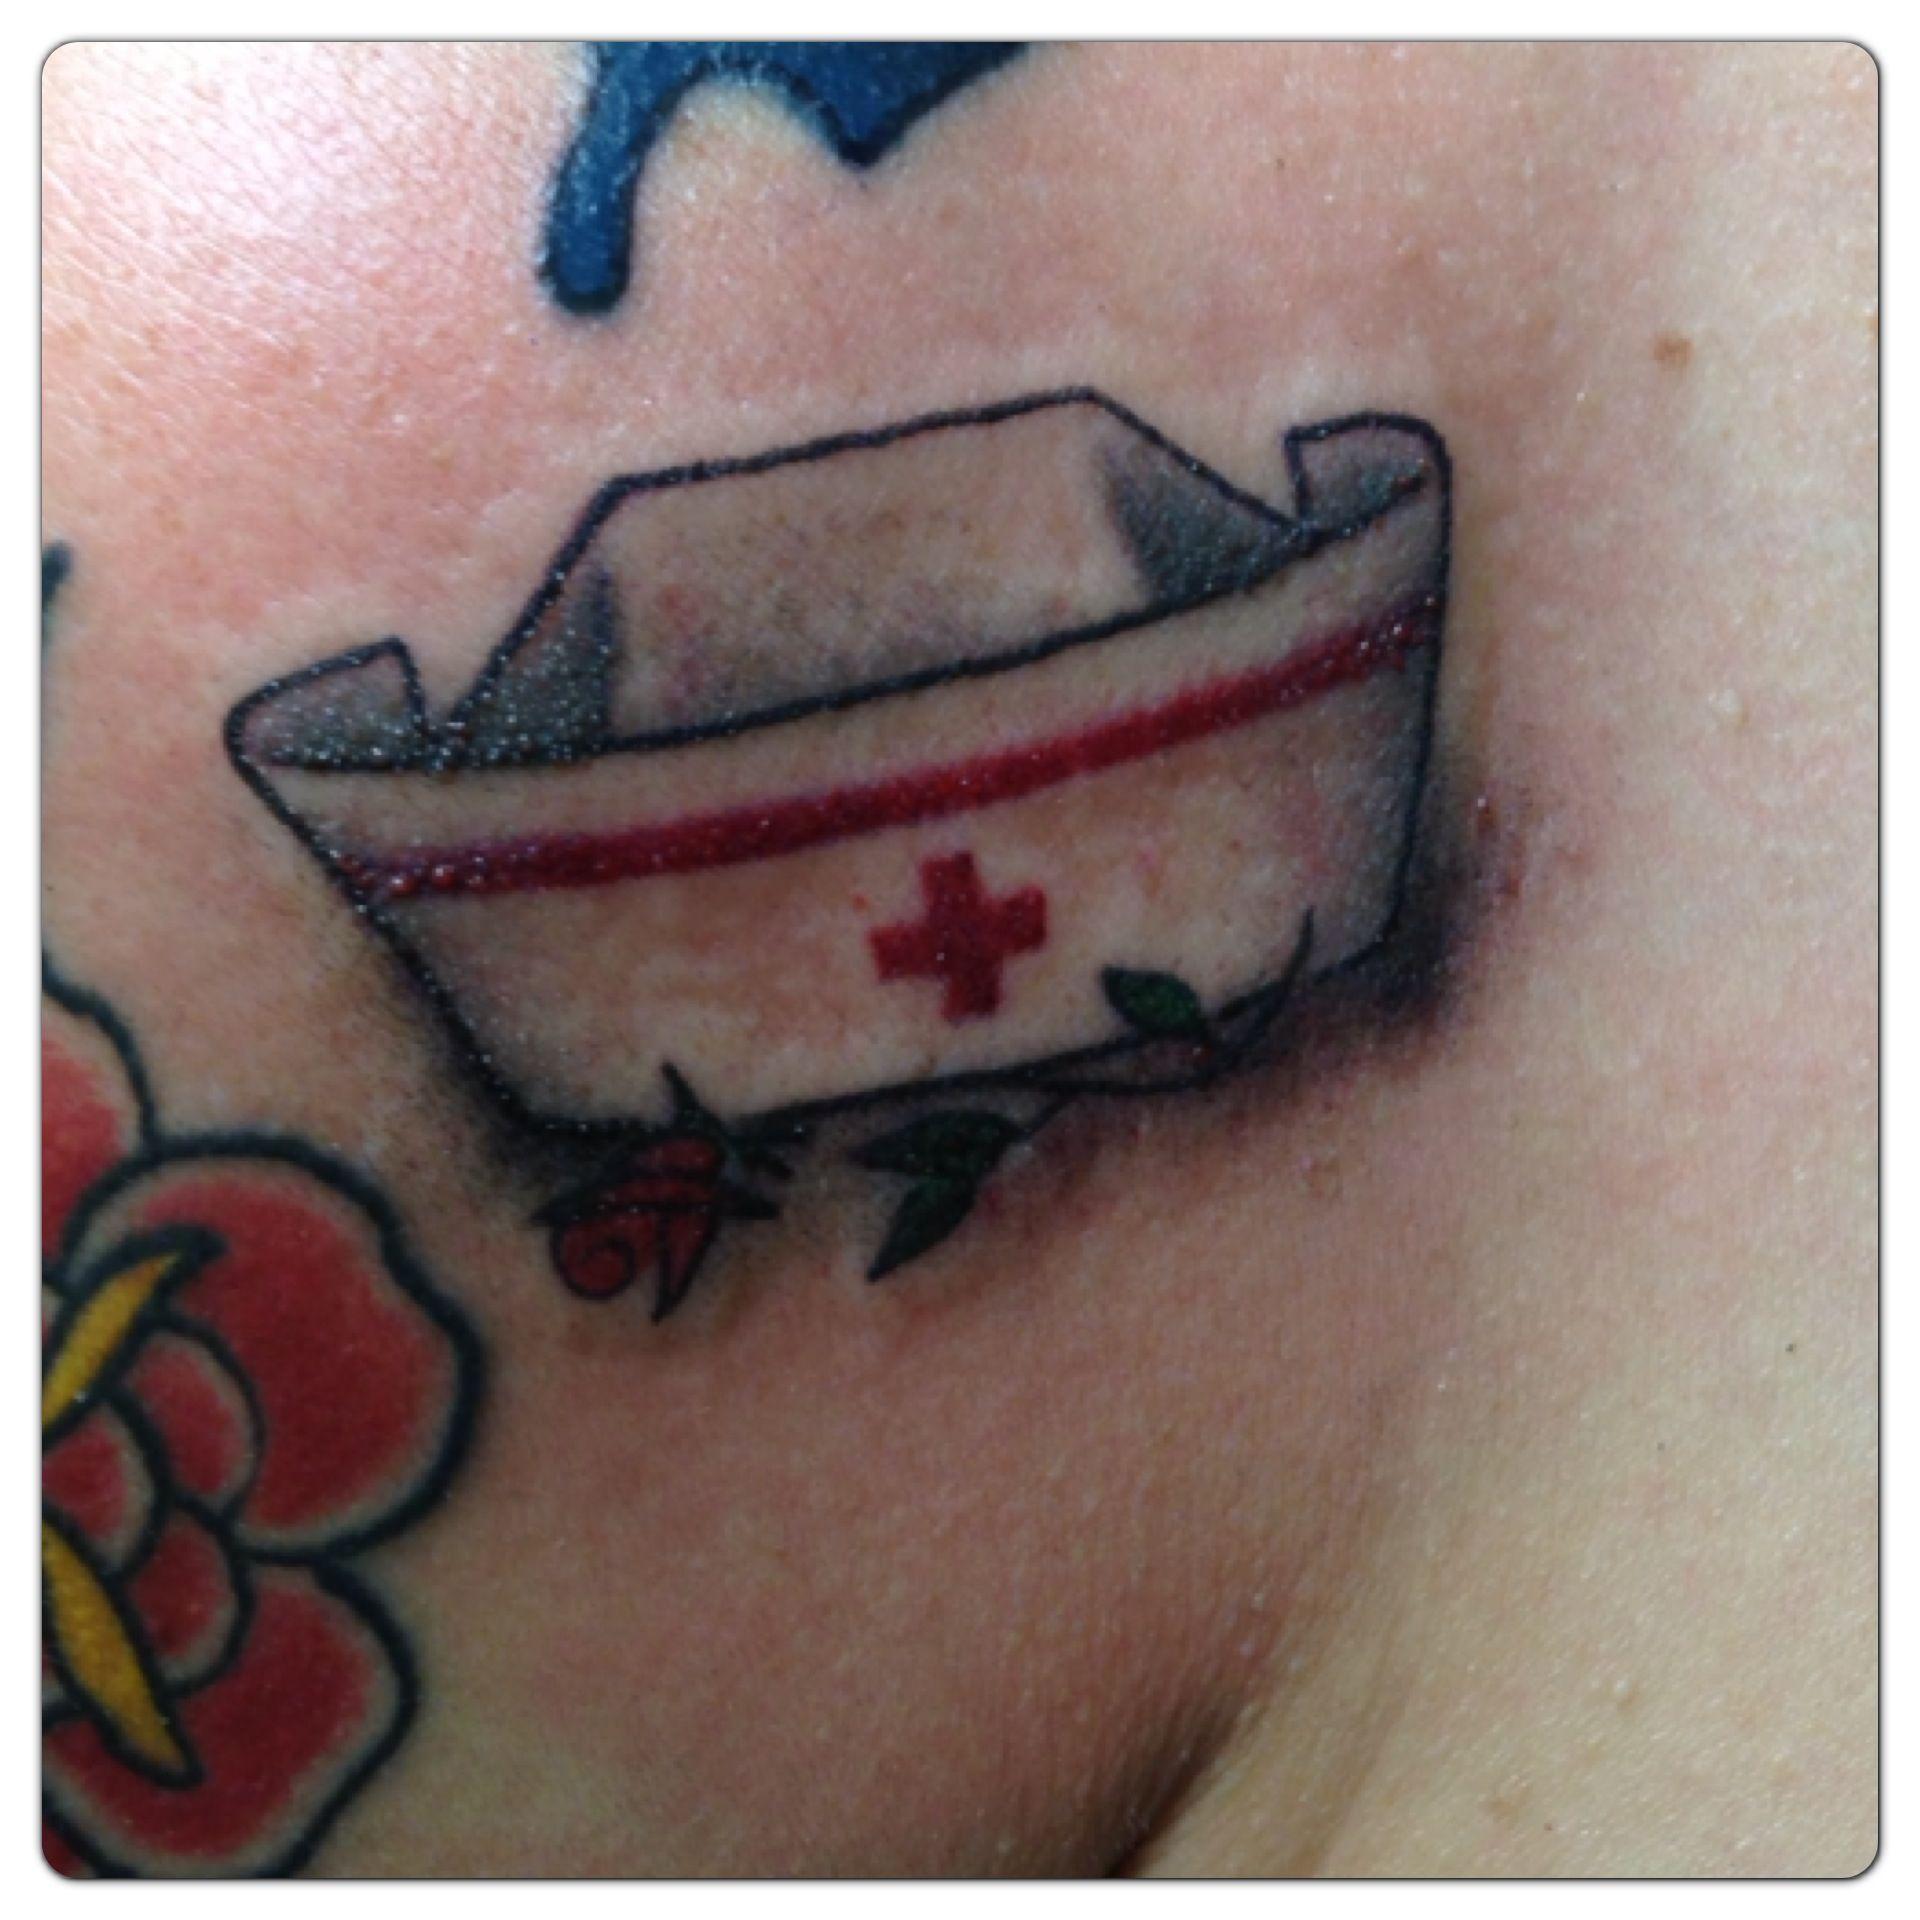 Tattoo Ideas Nurse: Nurses Hat Tattoo